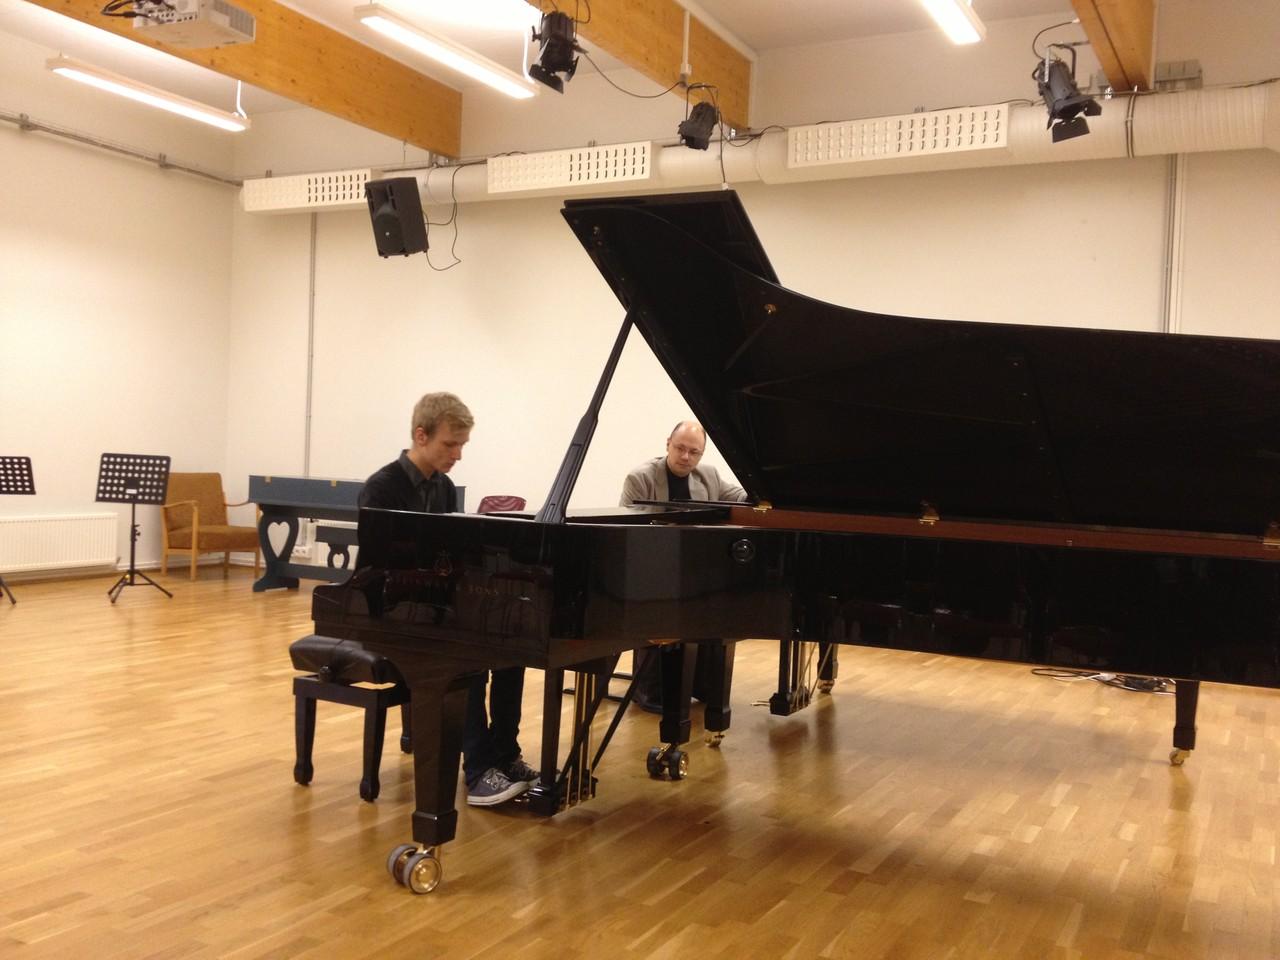 Meisterkurs Klavier, Iceland Academy of the Arts, Reykjavík, 2012 (Foto: privat)